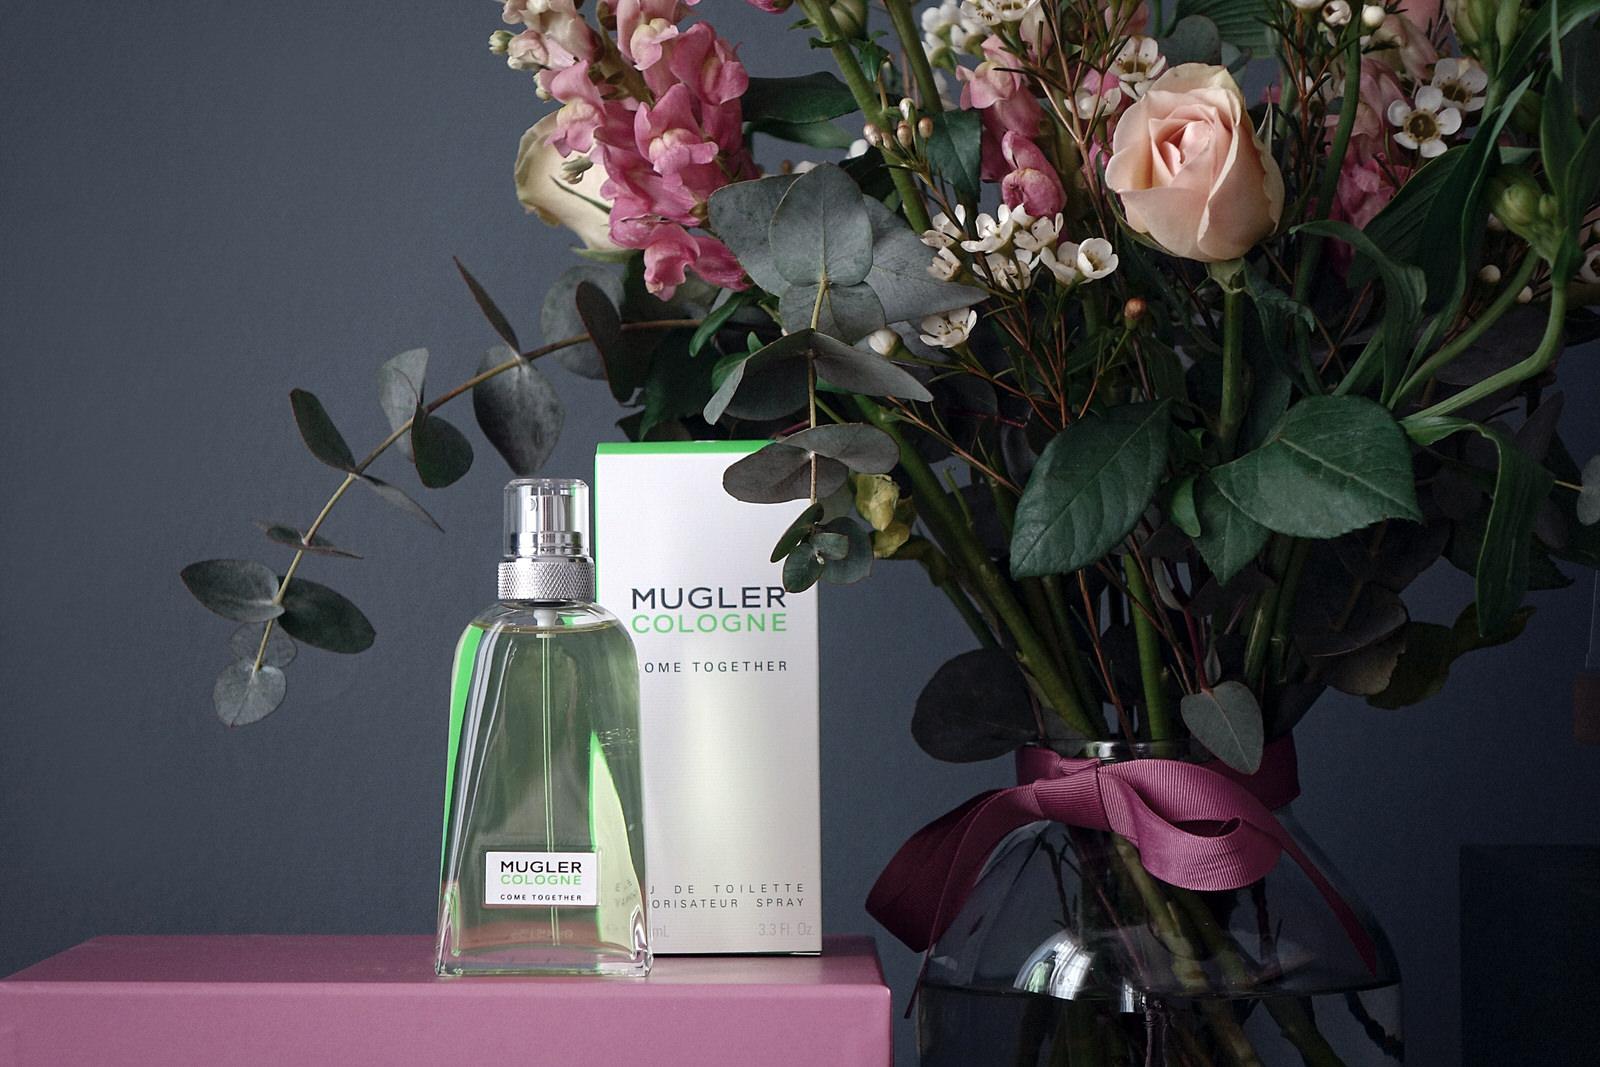 Les parfums Summer 2019 de Mugler